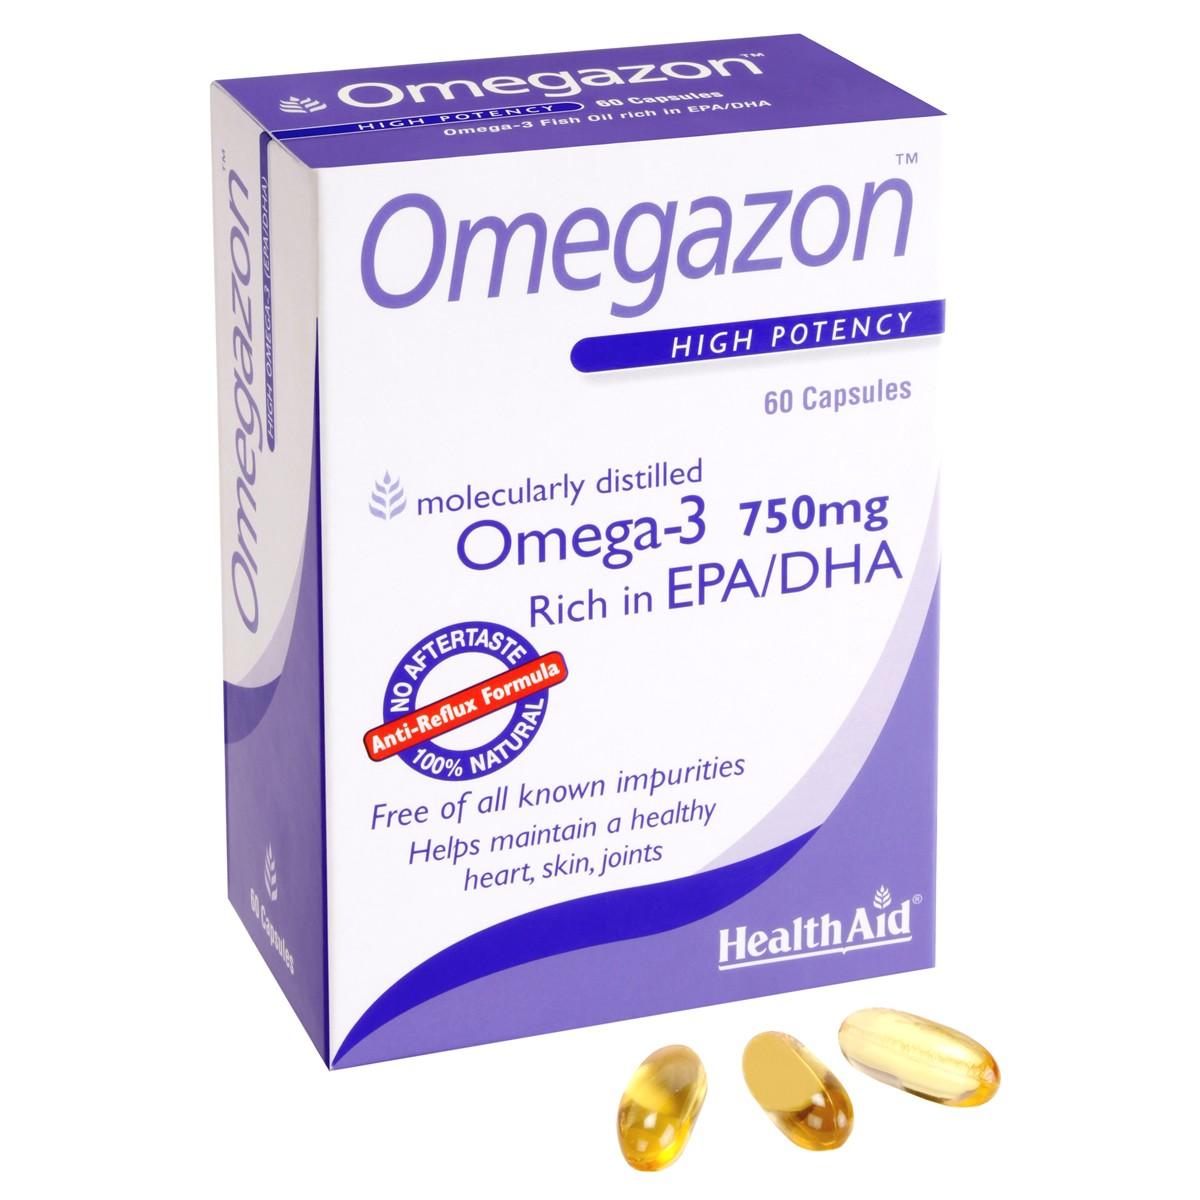 HealthAid Omegazon (Omega 3 Fish Oil) - Blister Pack